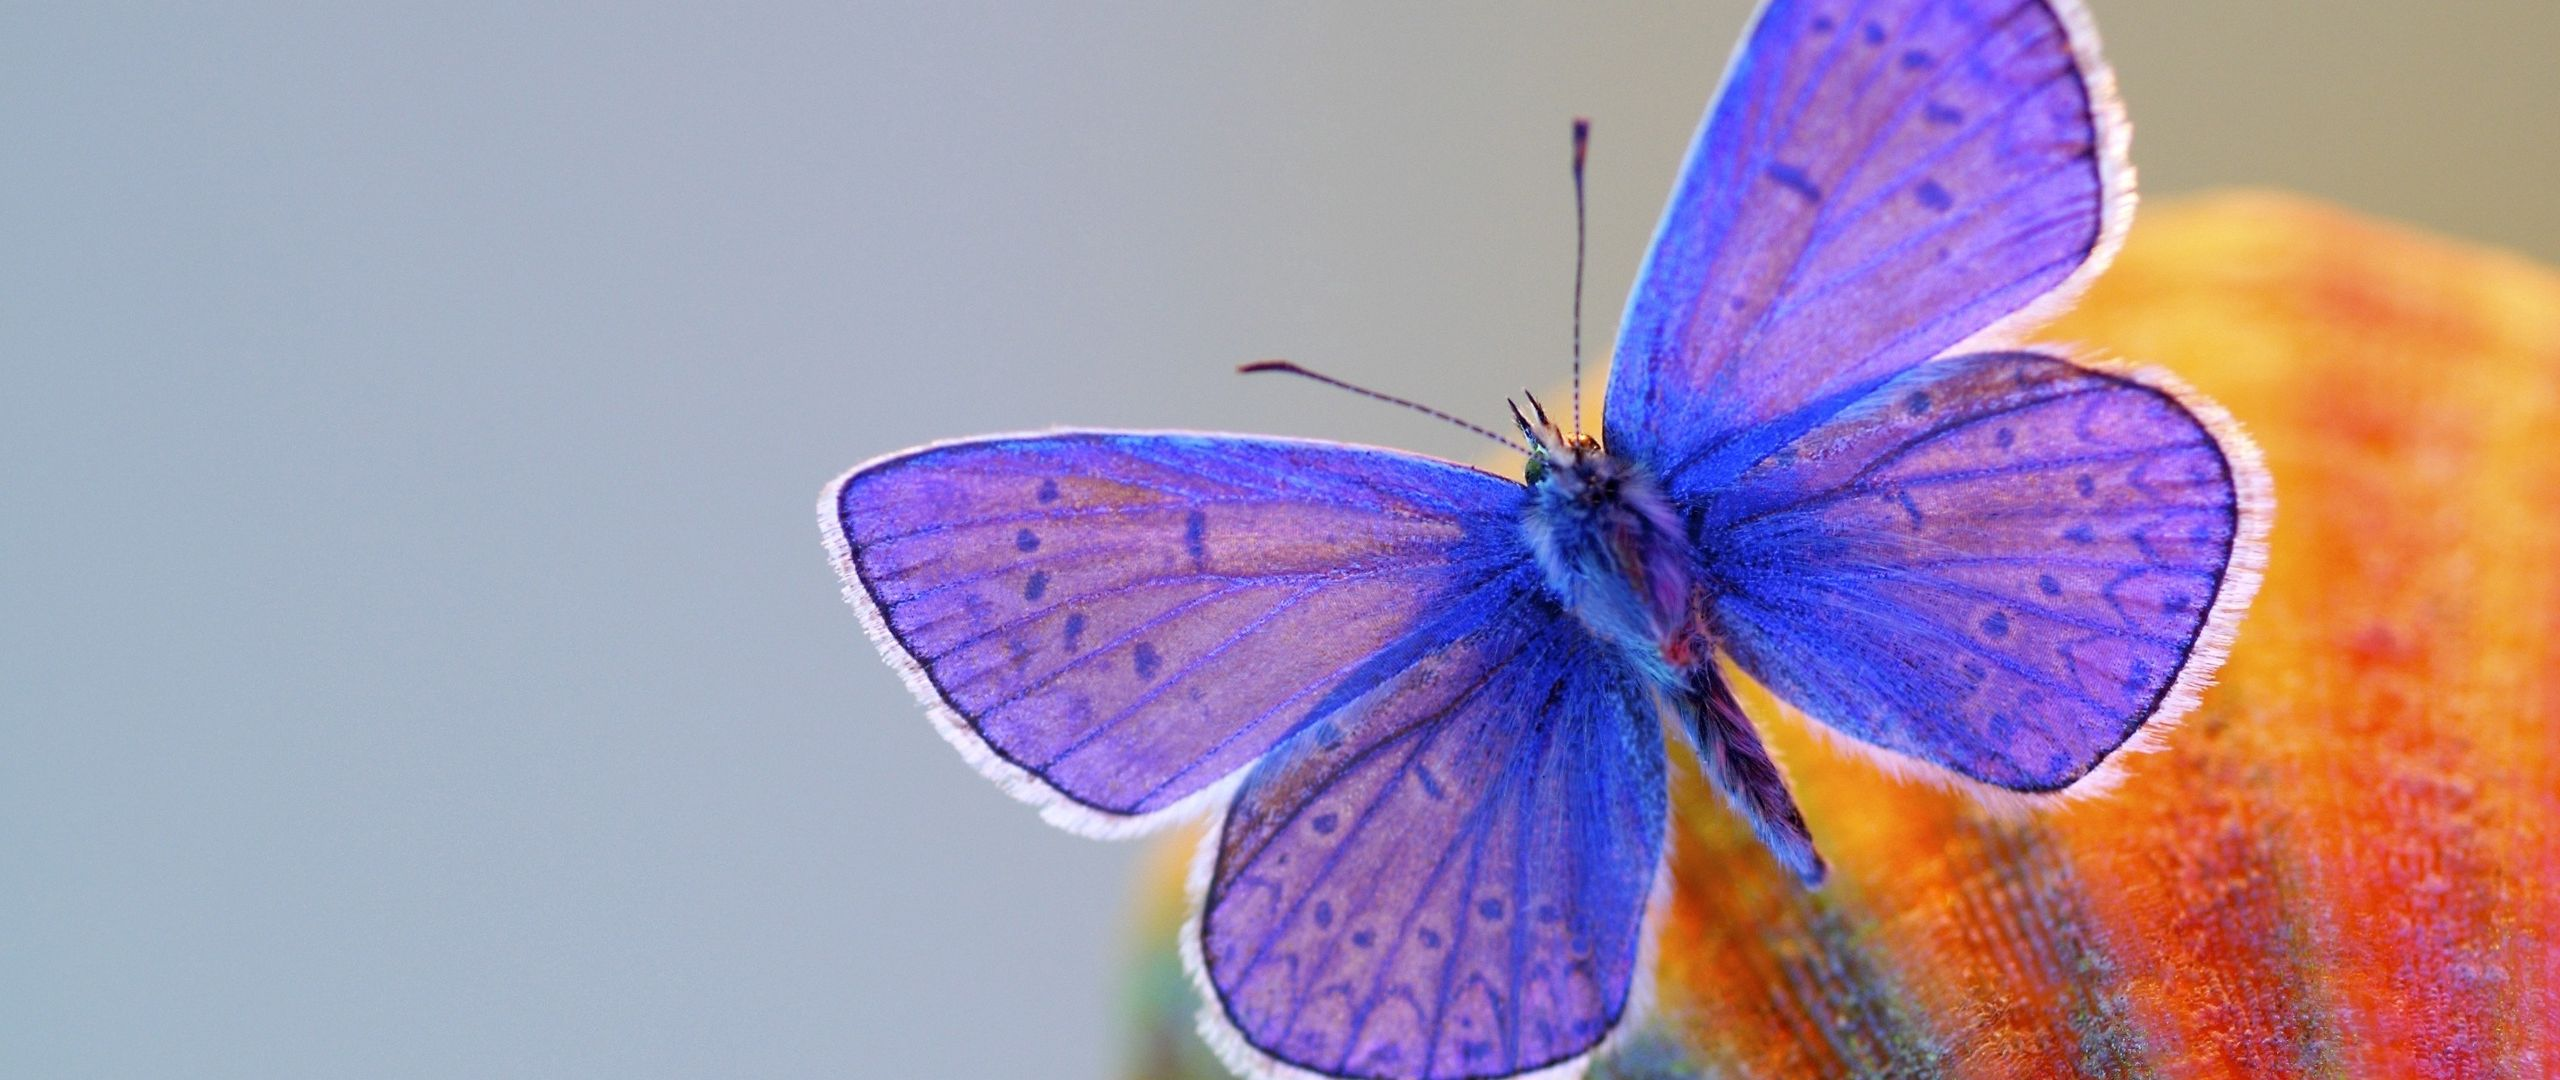 Fondos de pantalla Mariposa con alas moradas